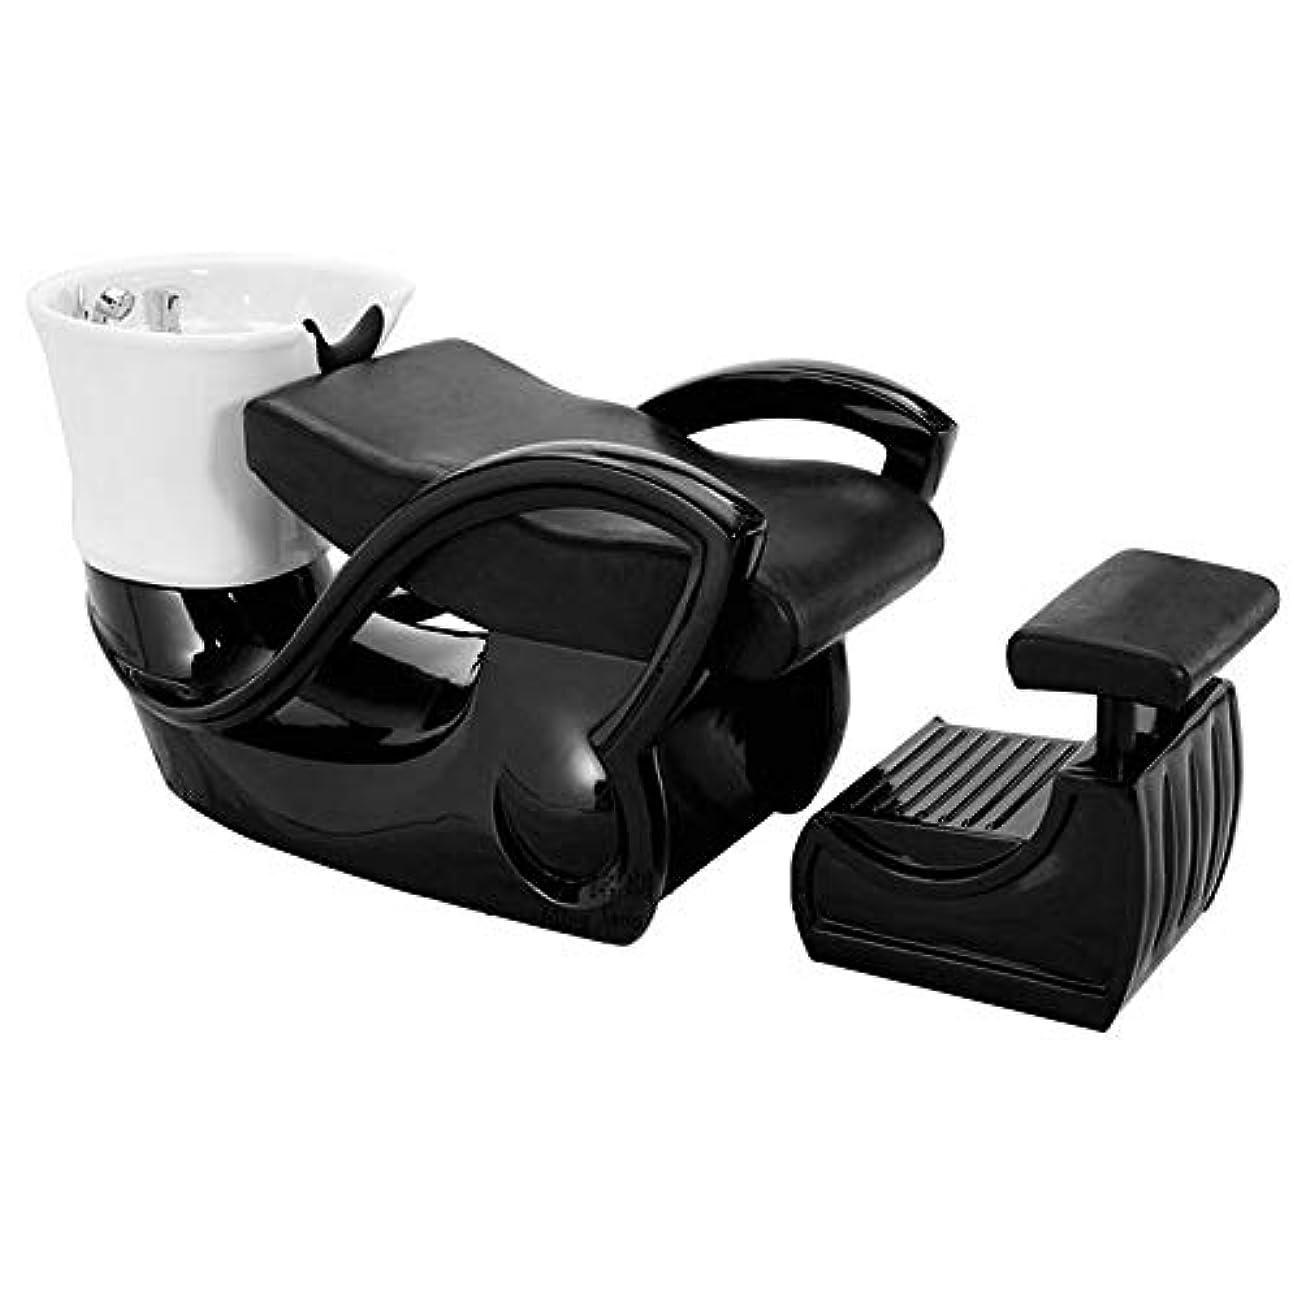 分離不正直アンタゴニストシャンプーの椅子、鉱泉の大広間装置の陶磁器の深い洗面器のシャンプーのベッドのための逆洗の単位のシャンプーボールの理髪の流しの椅子